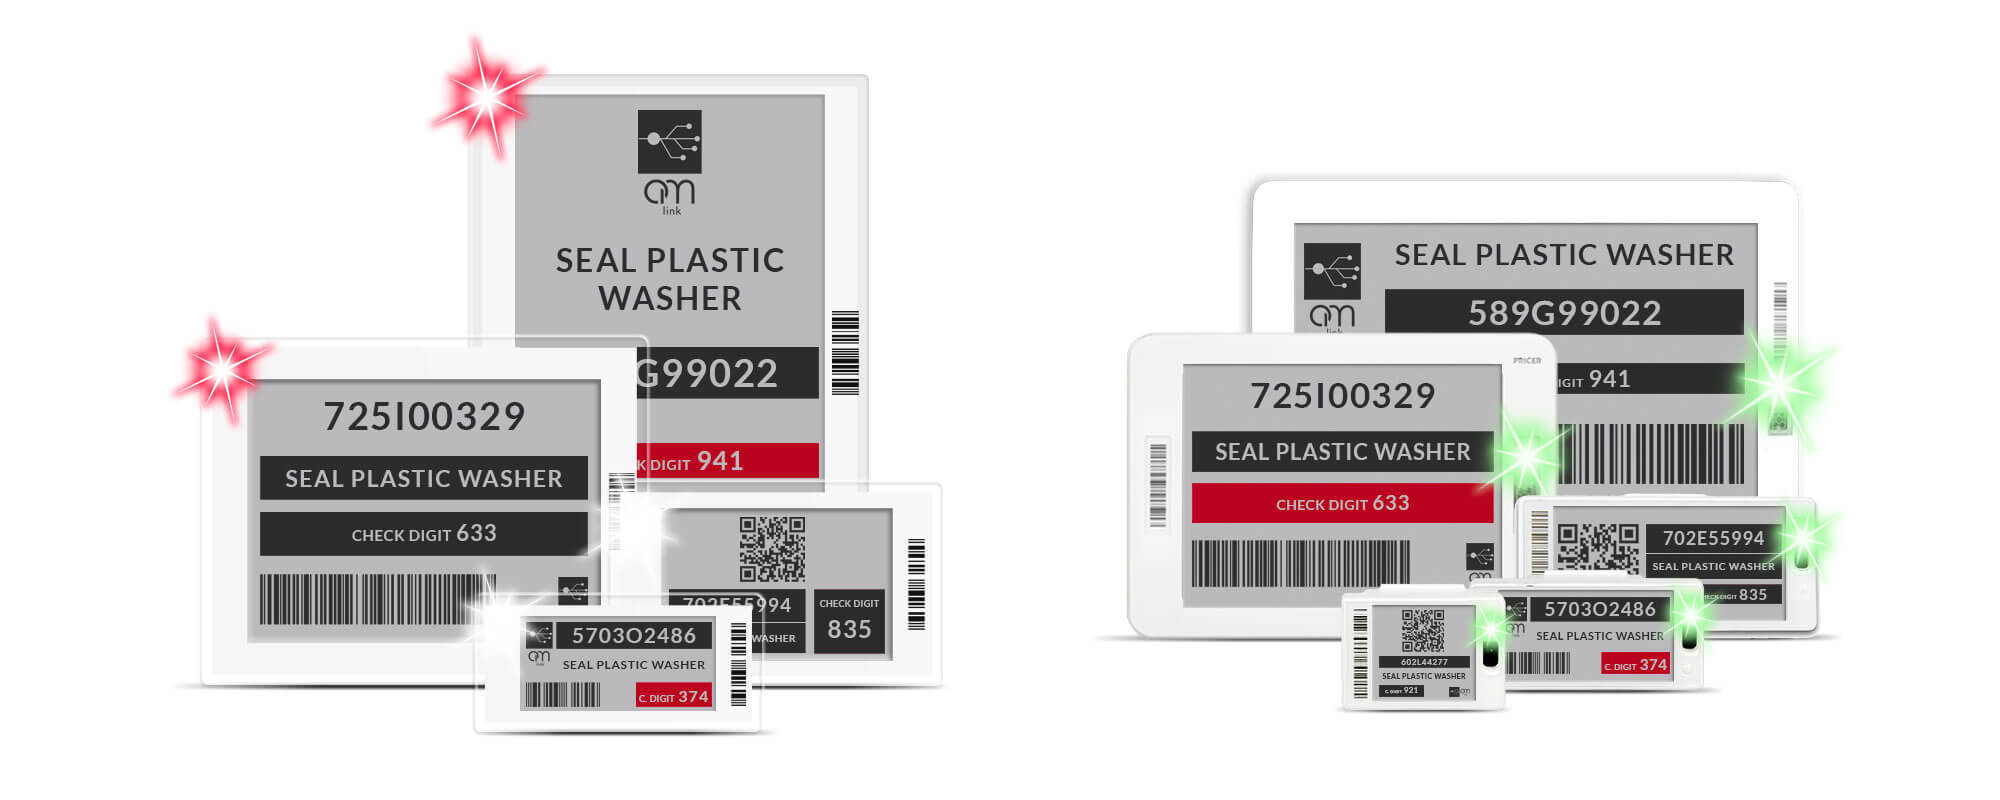 Etichette elettroniche pricer findbox